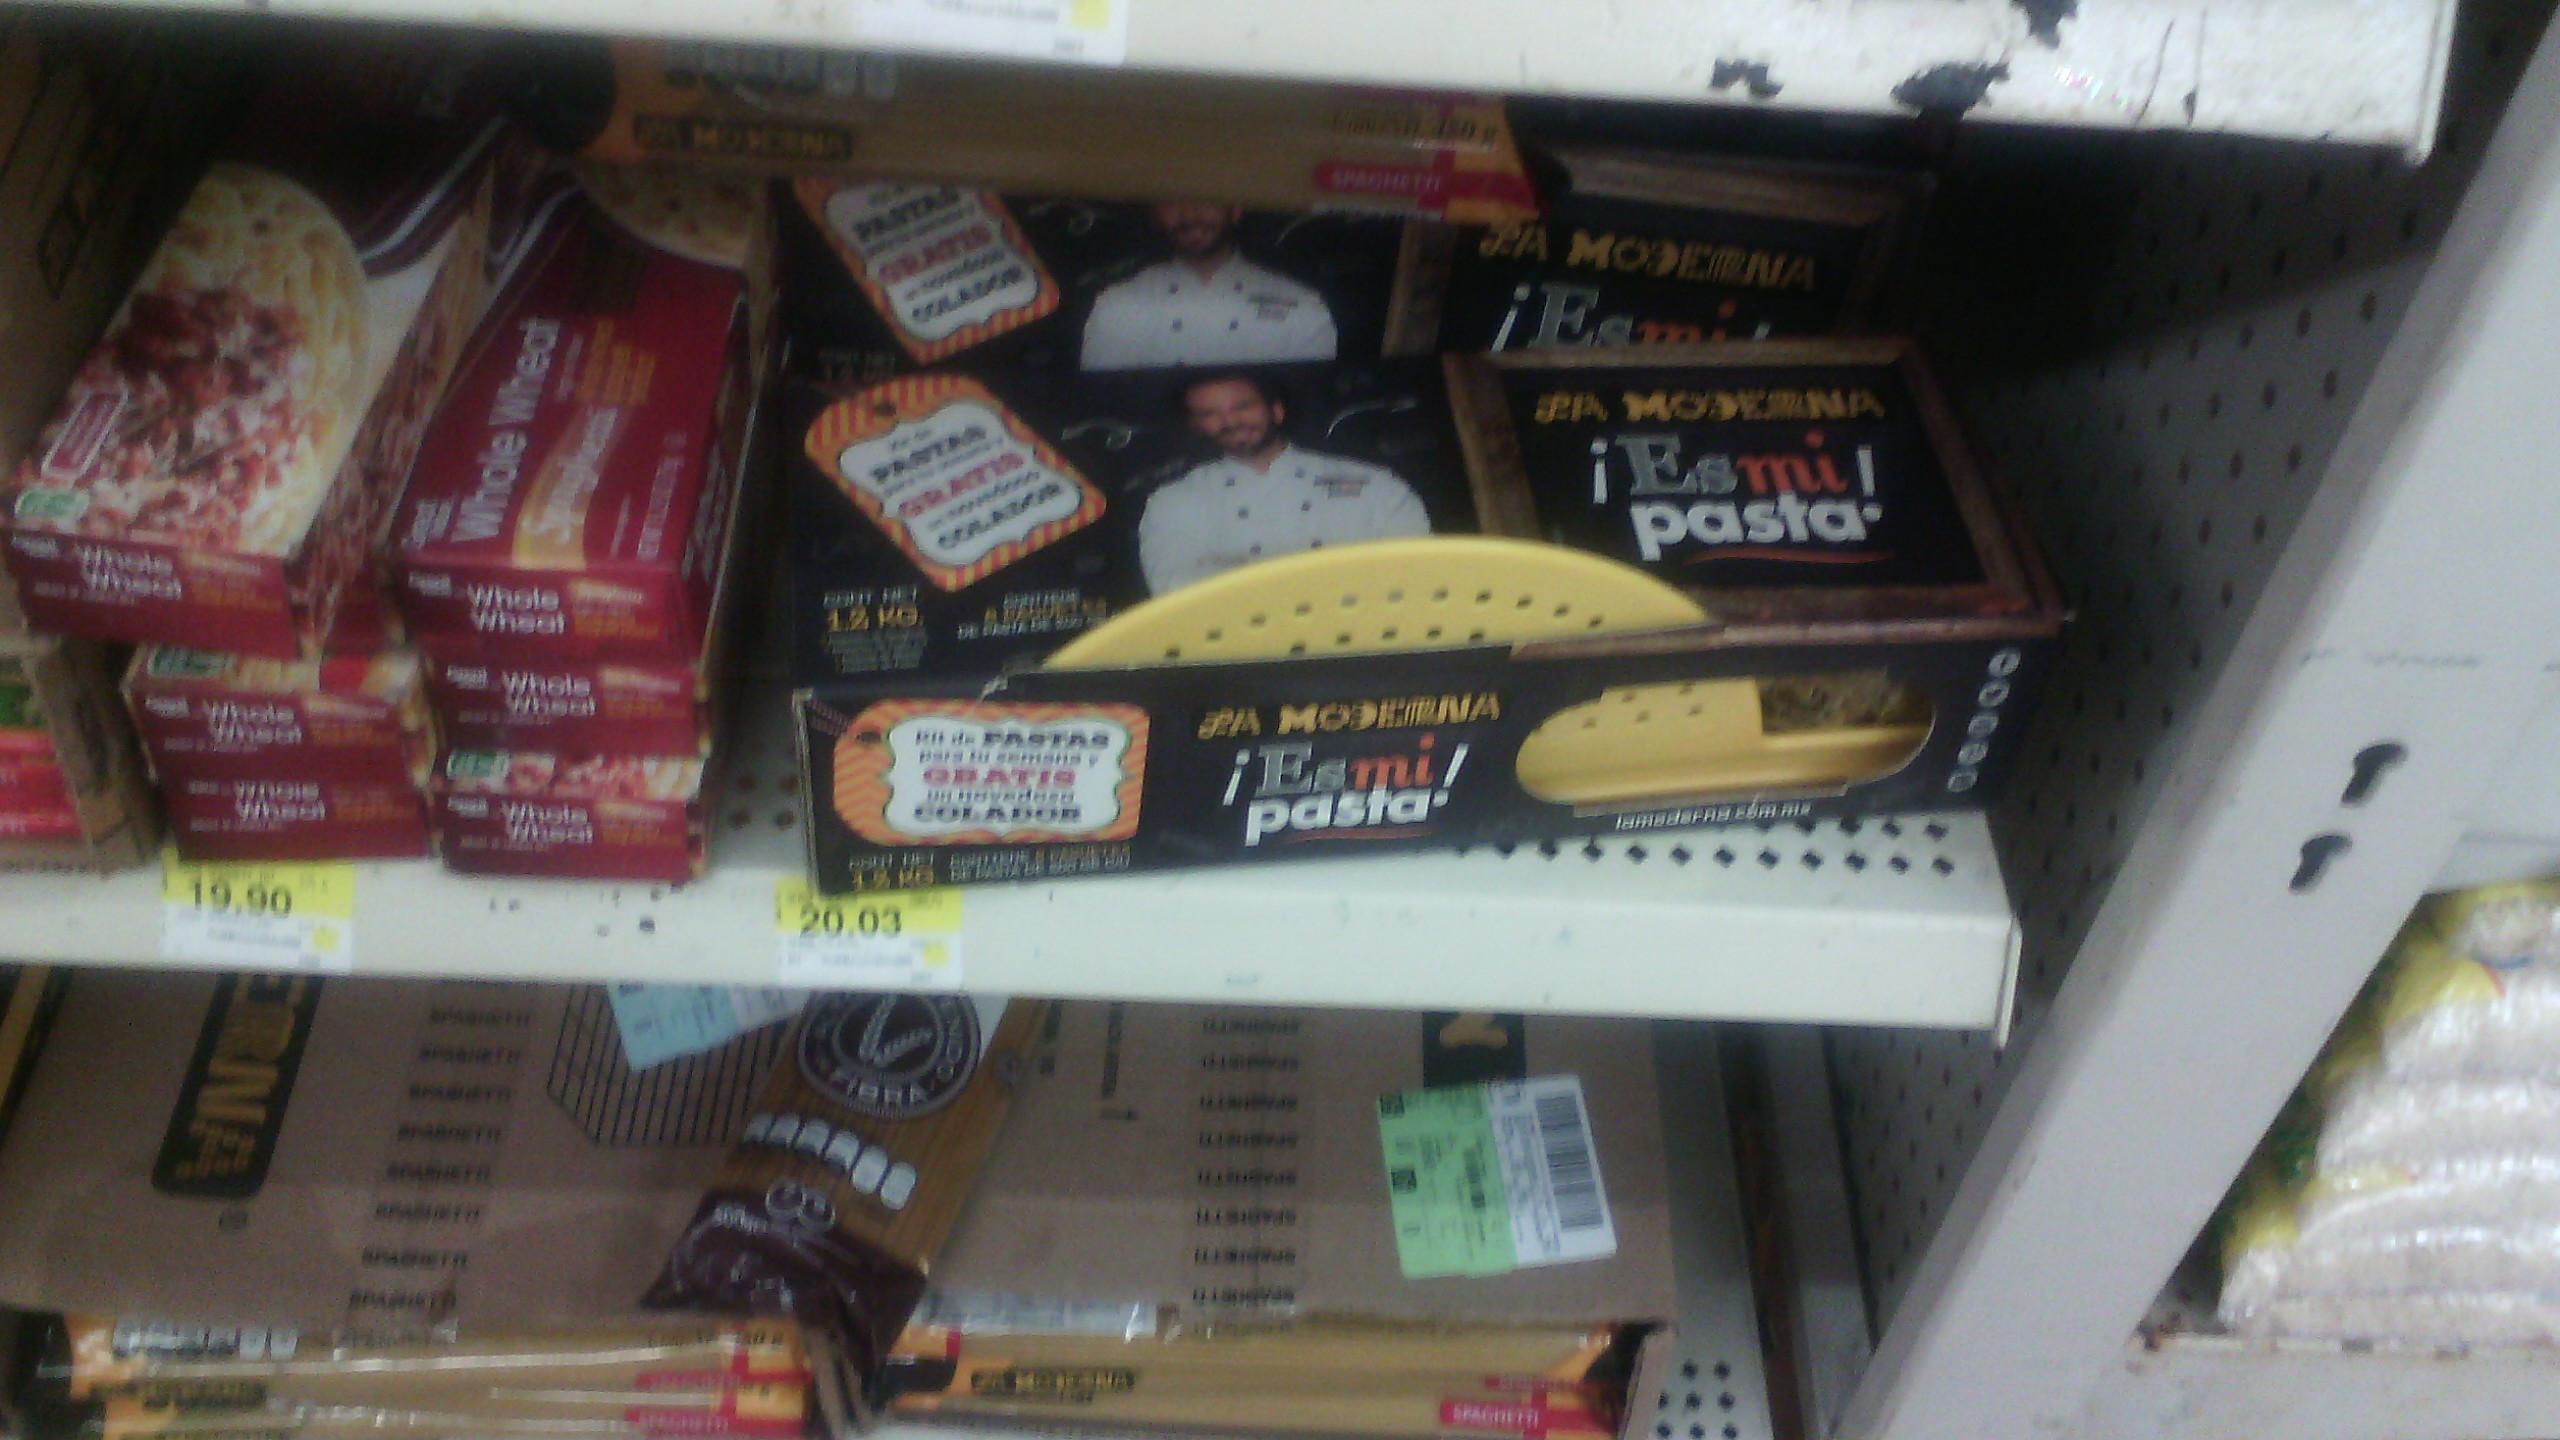 Walmart Uruapan: Paquete de 6 pastas la moderna de 200gr c/u + colador de regalo por $20.03